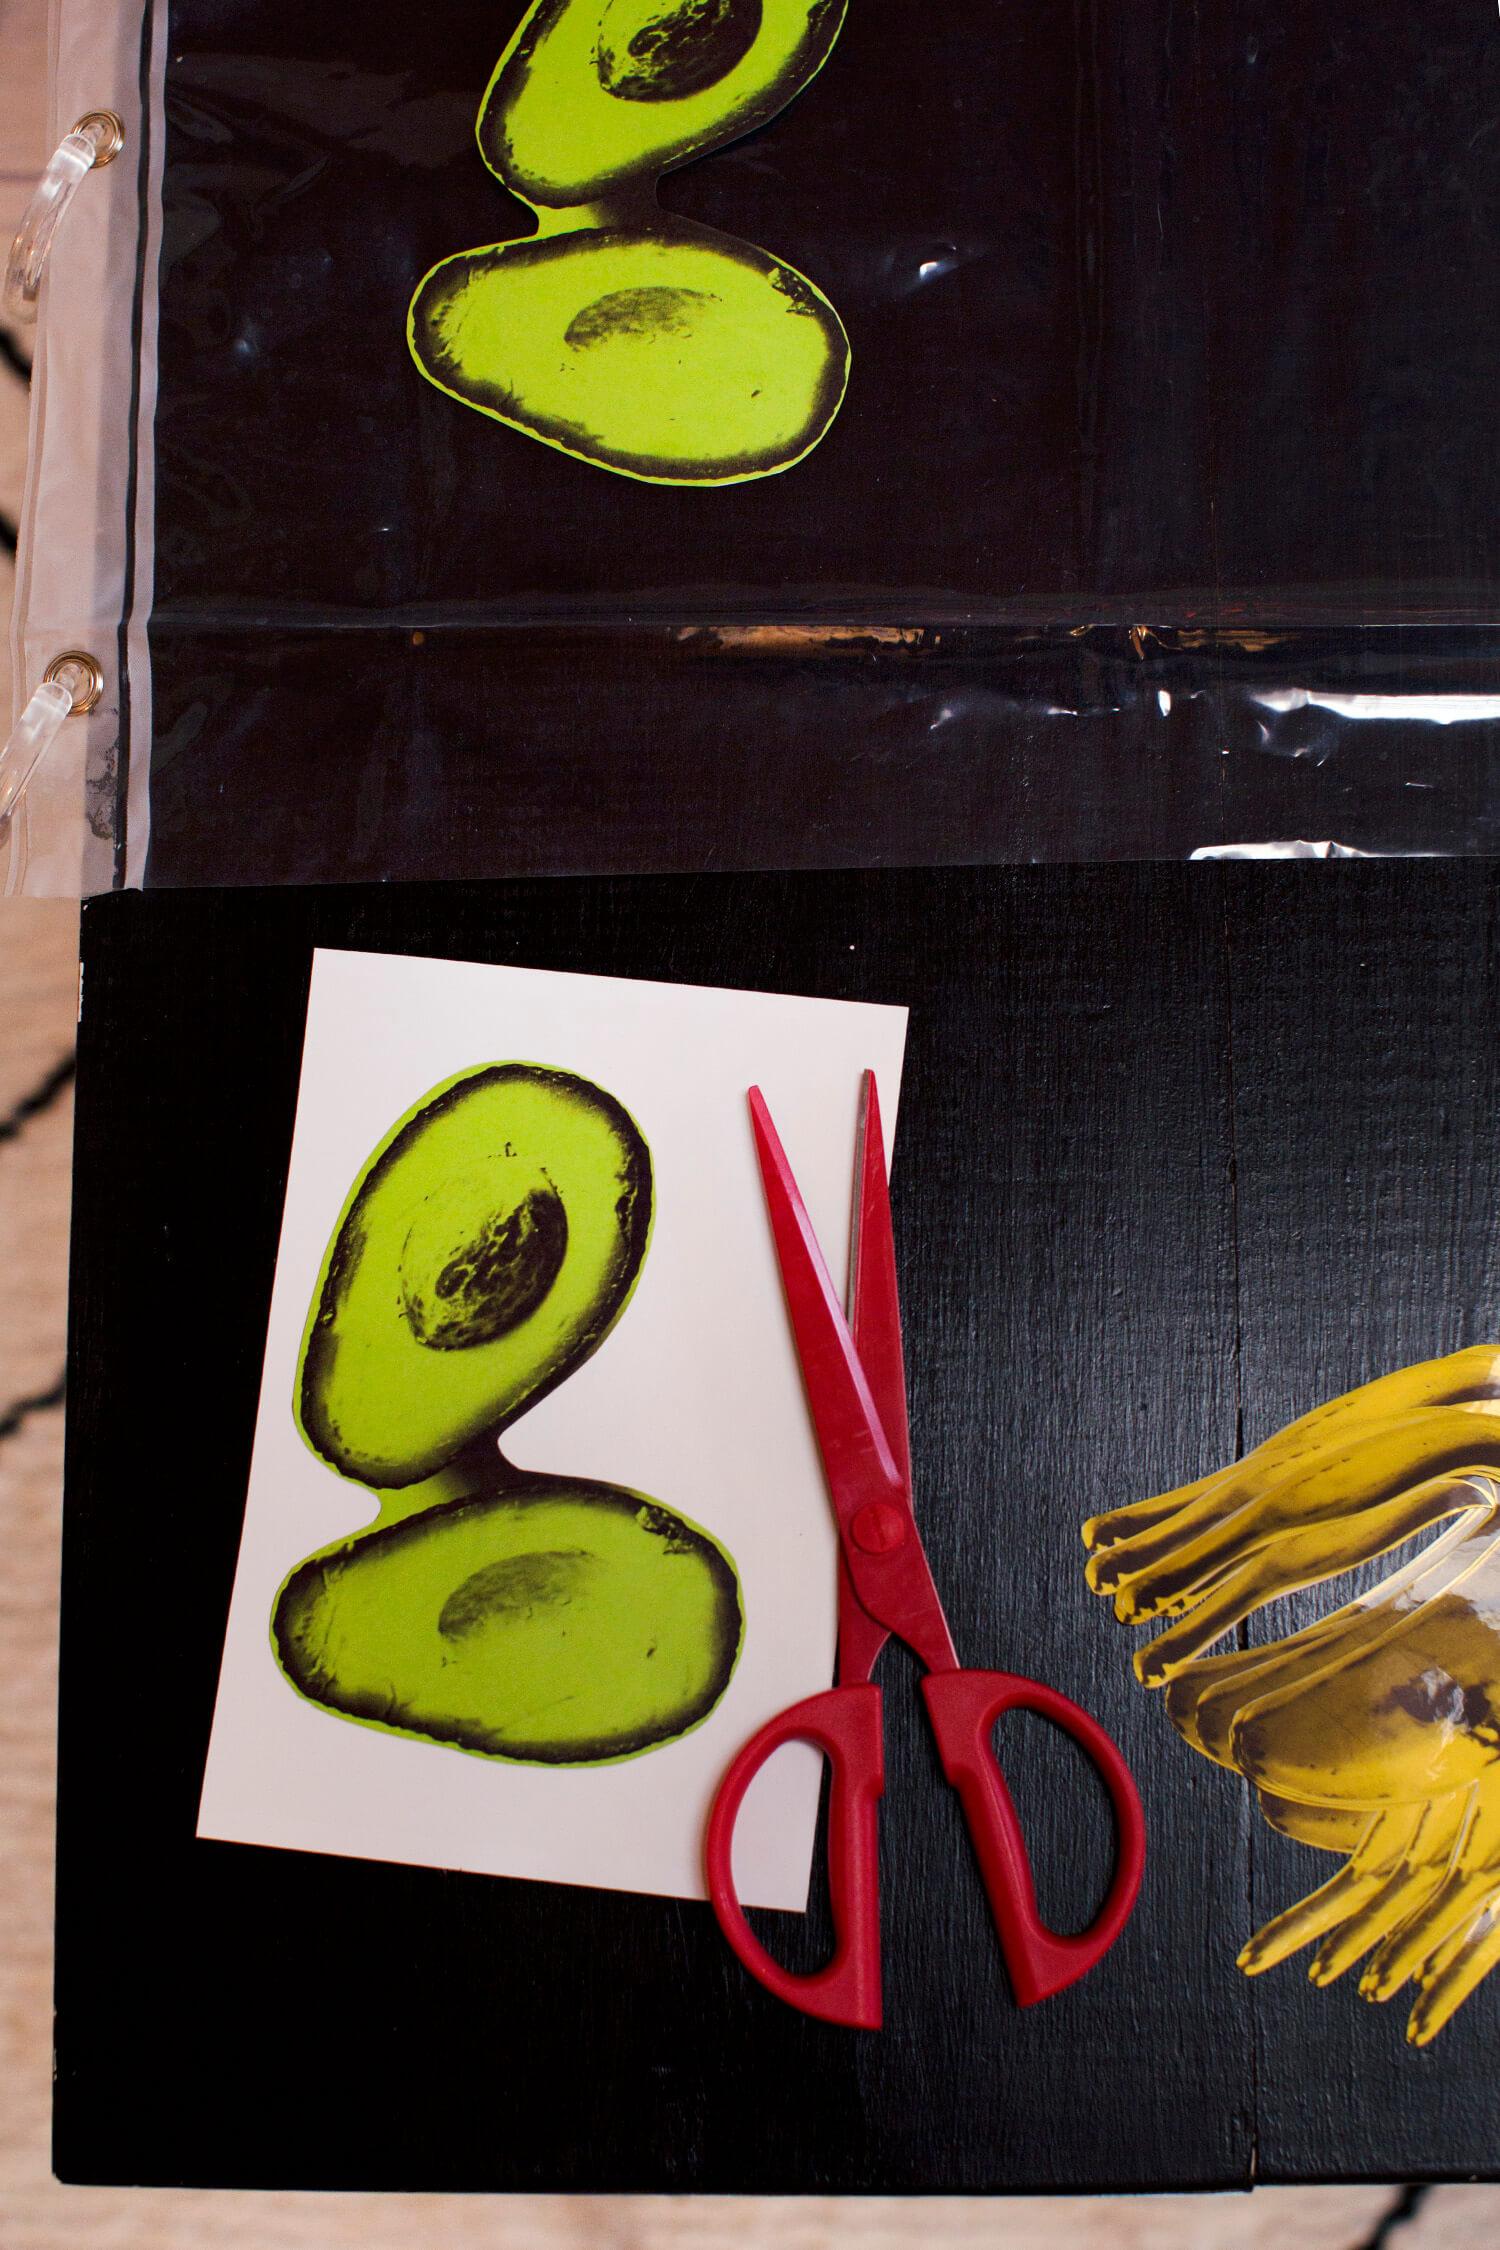 Cut out vinyl shapes